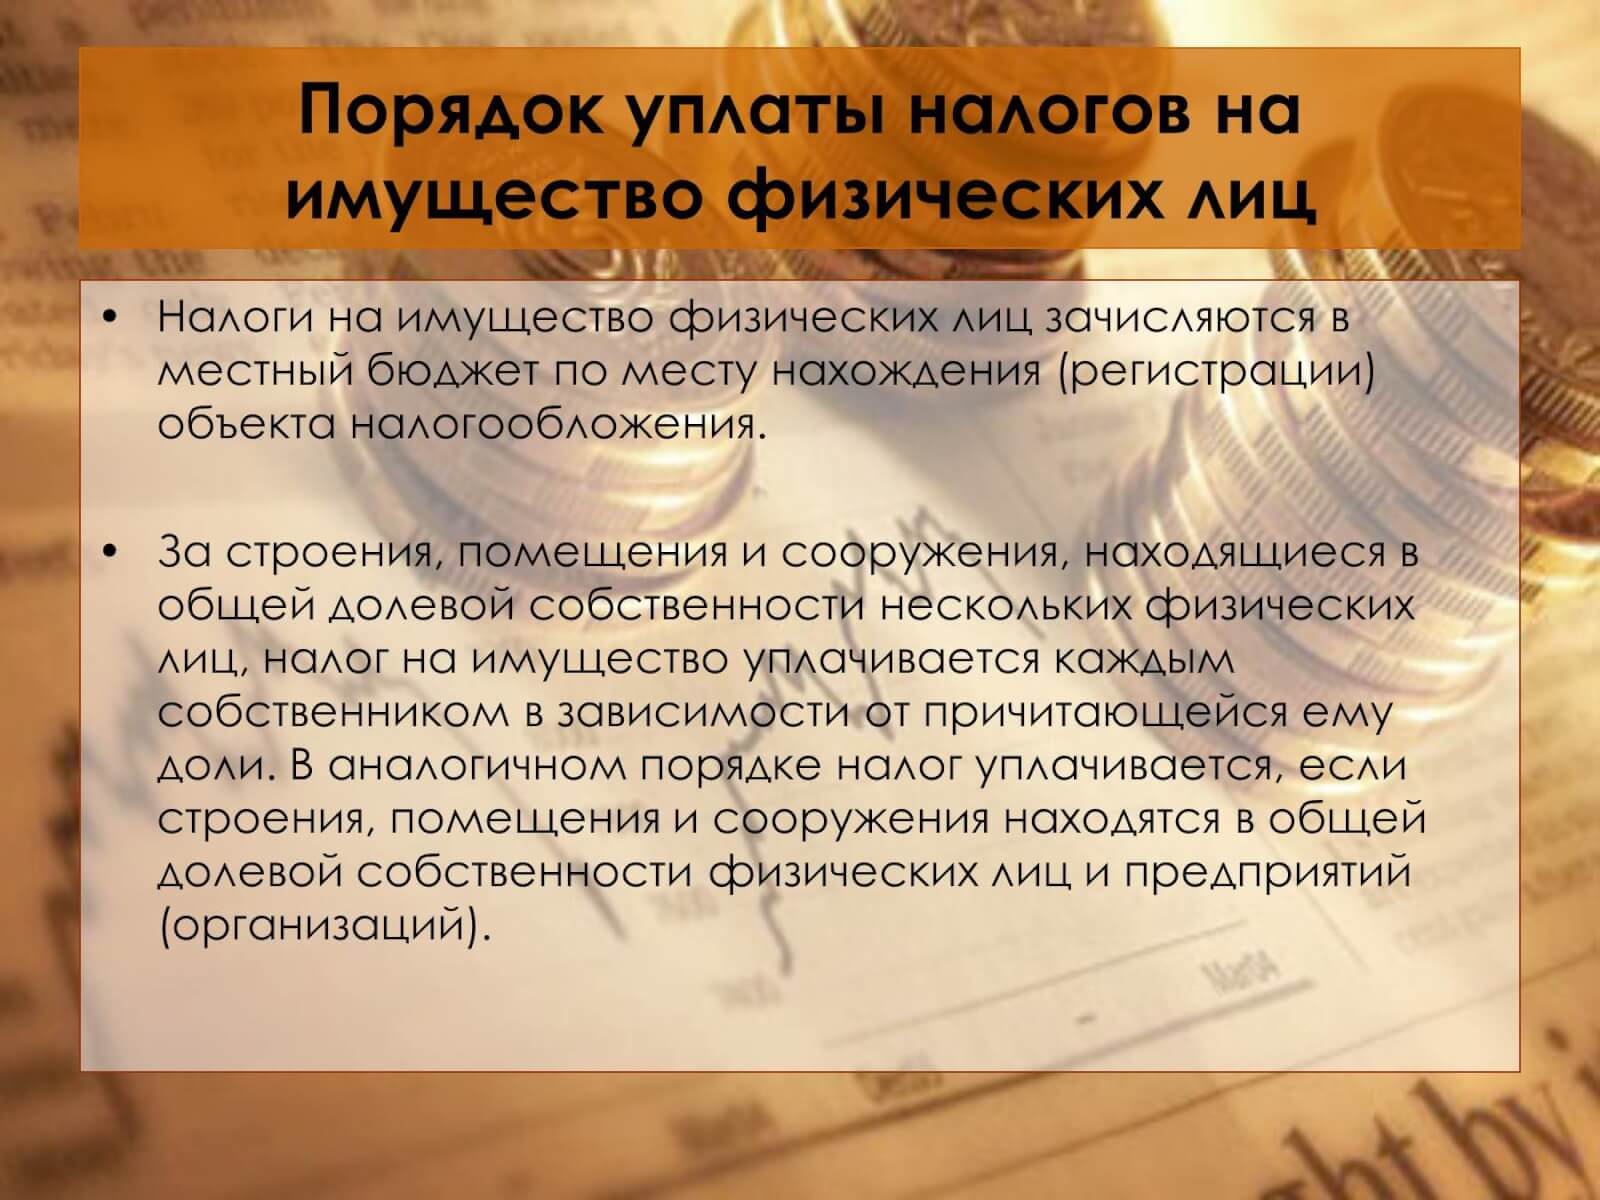 категории граждан, которые получают льготы на уплату пошлины